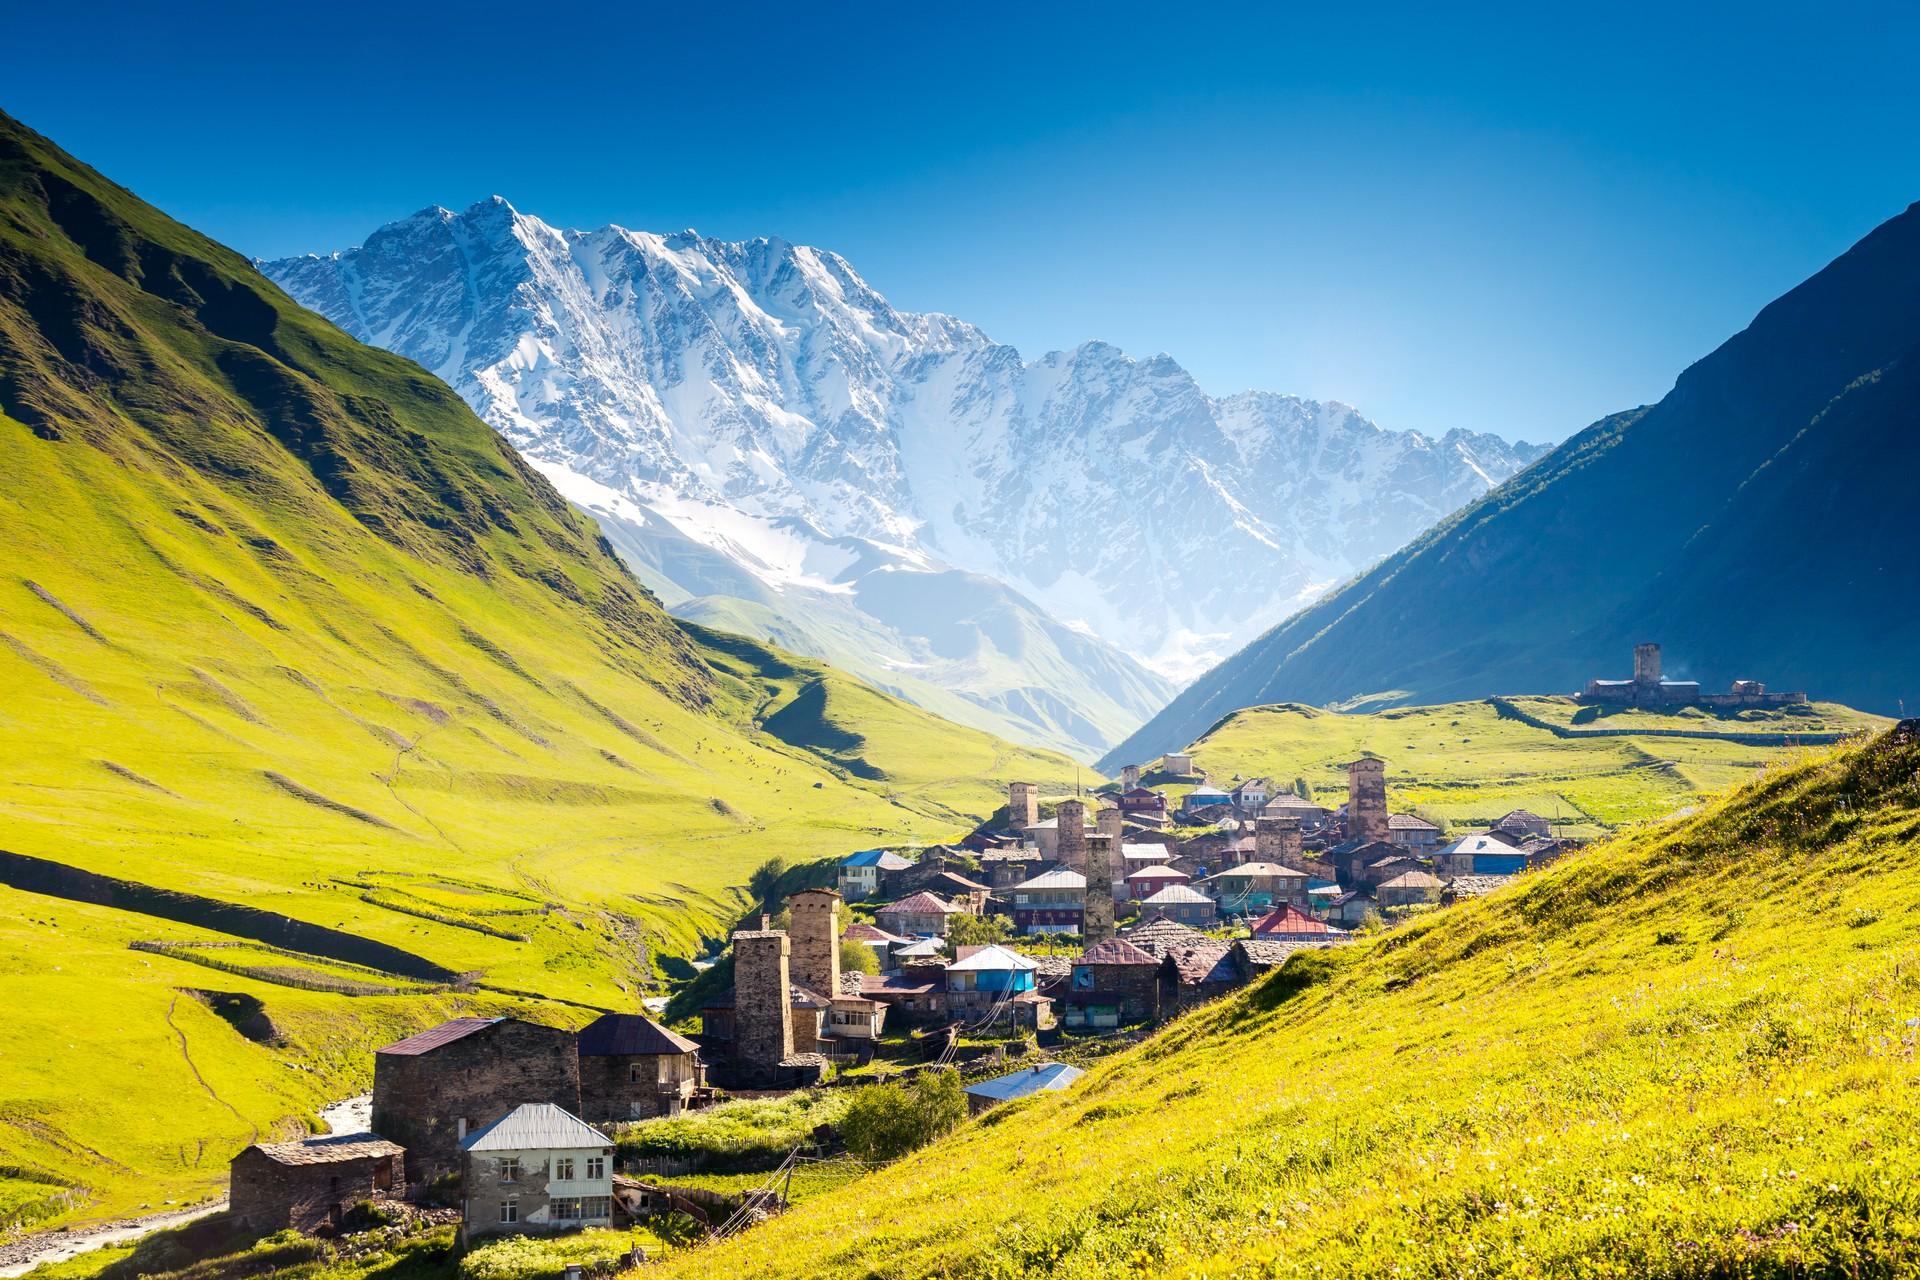 Ushguli village in the Svaneti region